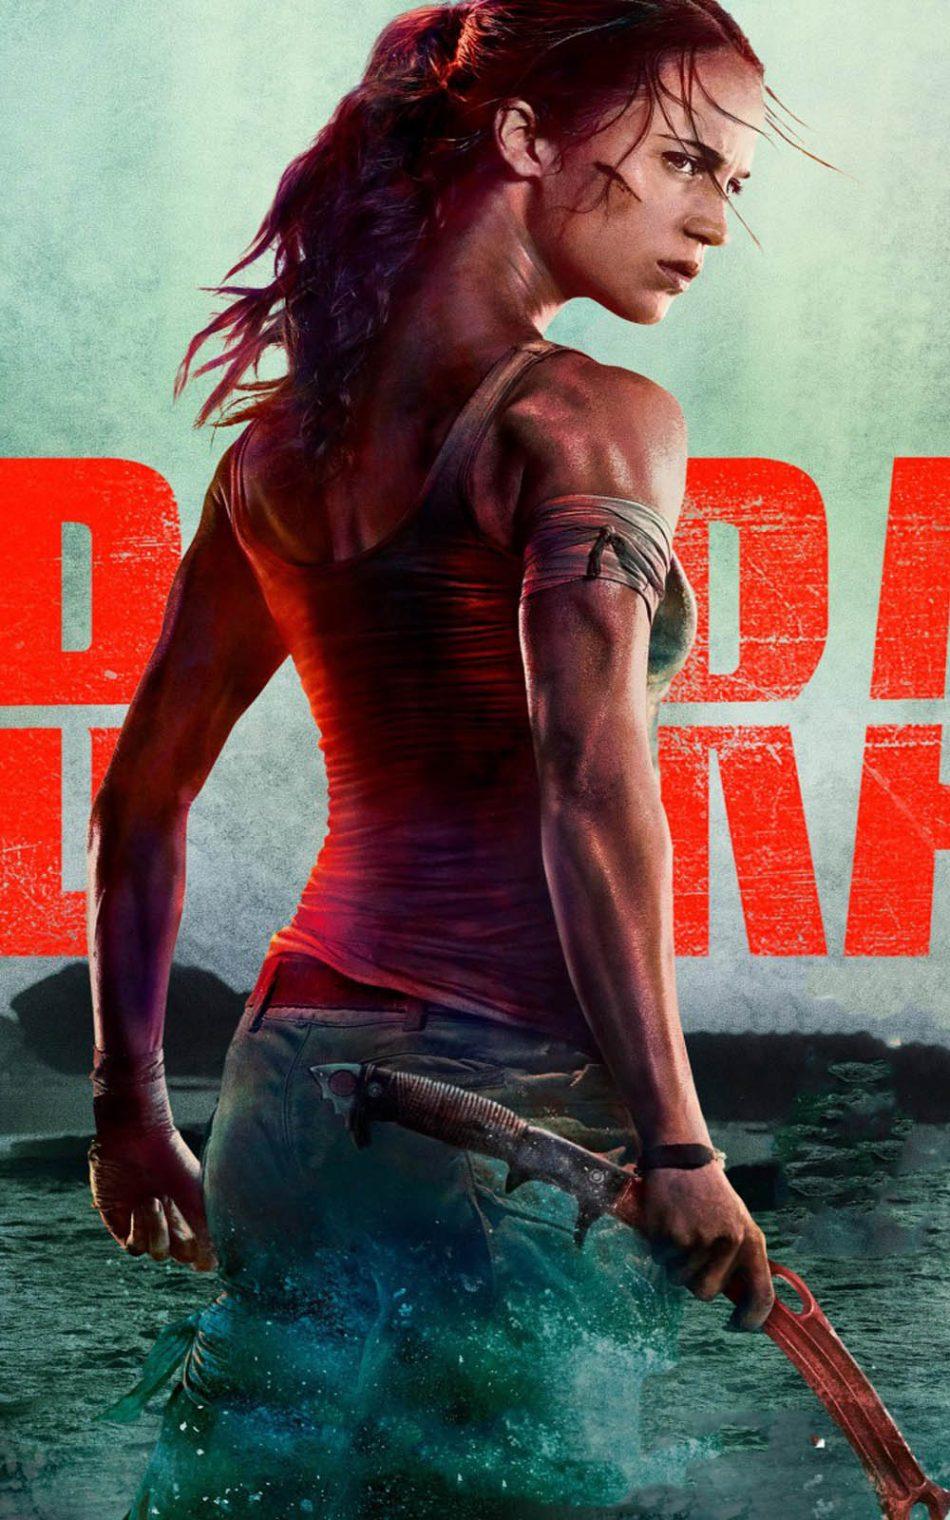 Download Alicia Vikander In Tomb Raider Pure 4K Ultra HD 950x1520